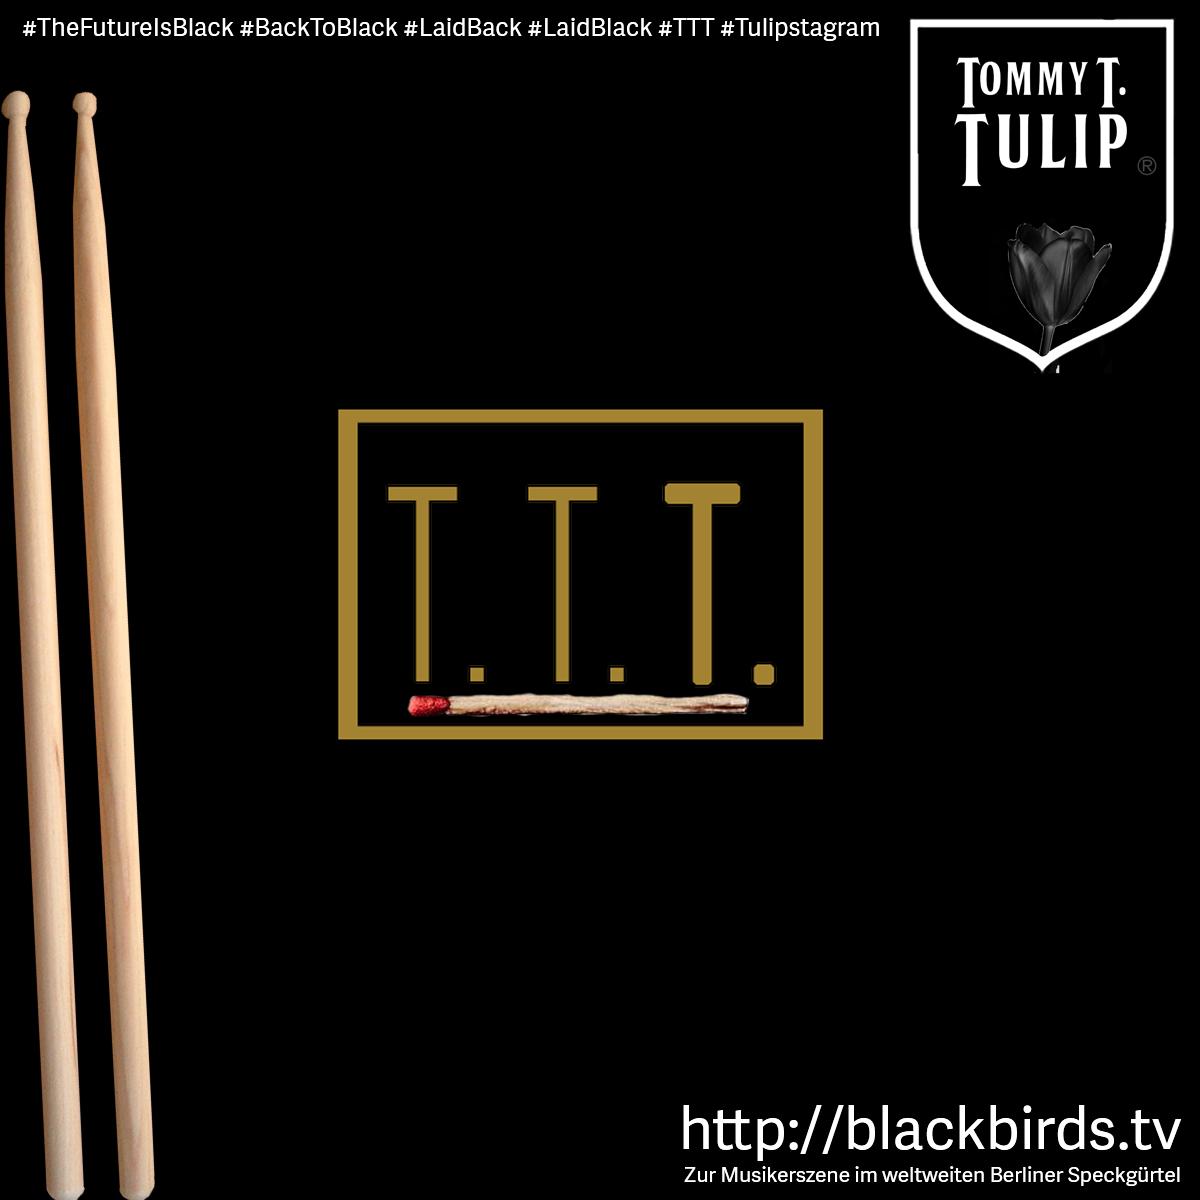 The Future is Black - http://blackbirds.tv - Zur Musikszene im weltweiten Berliner Speckgürtel #TheFutureIsBlack #BackToBlack #LaidBack #LaidBlack #TTT #Tulipstagram